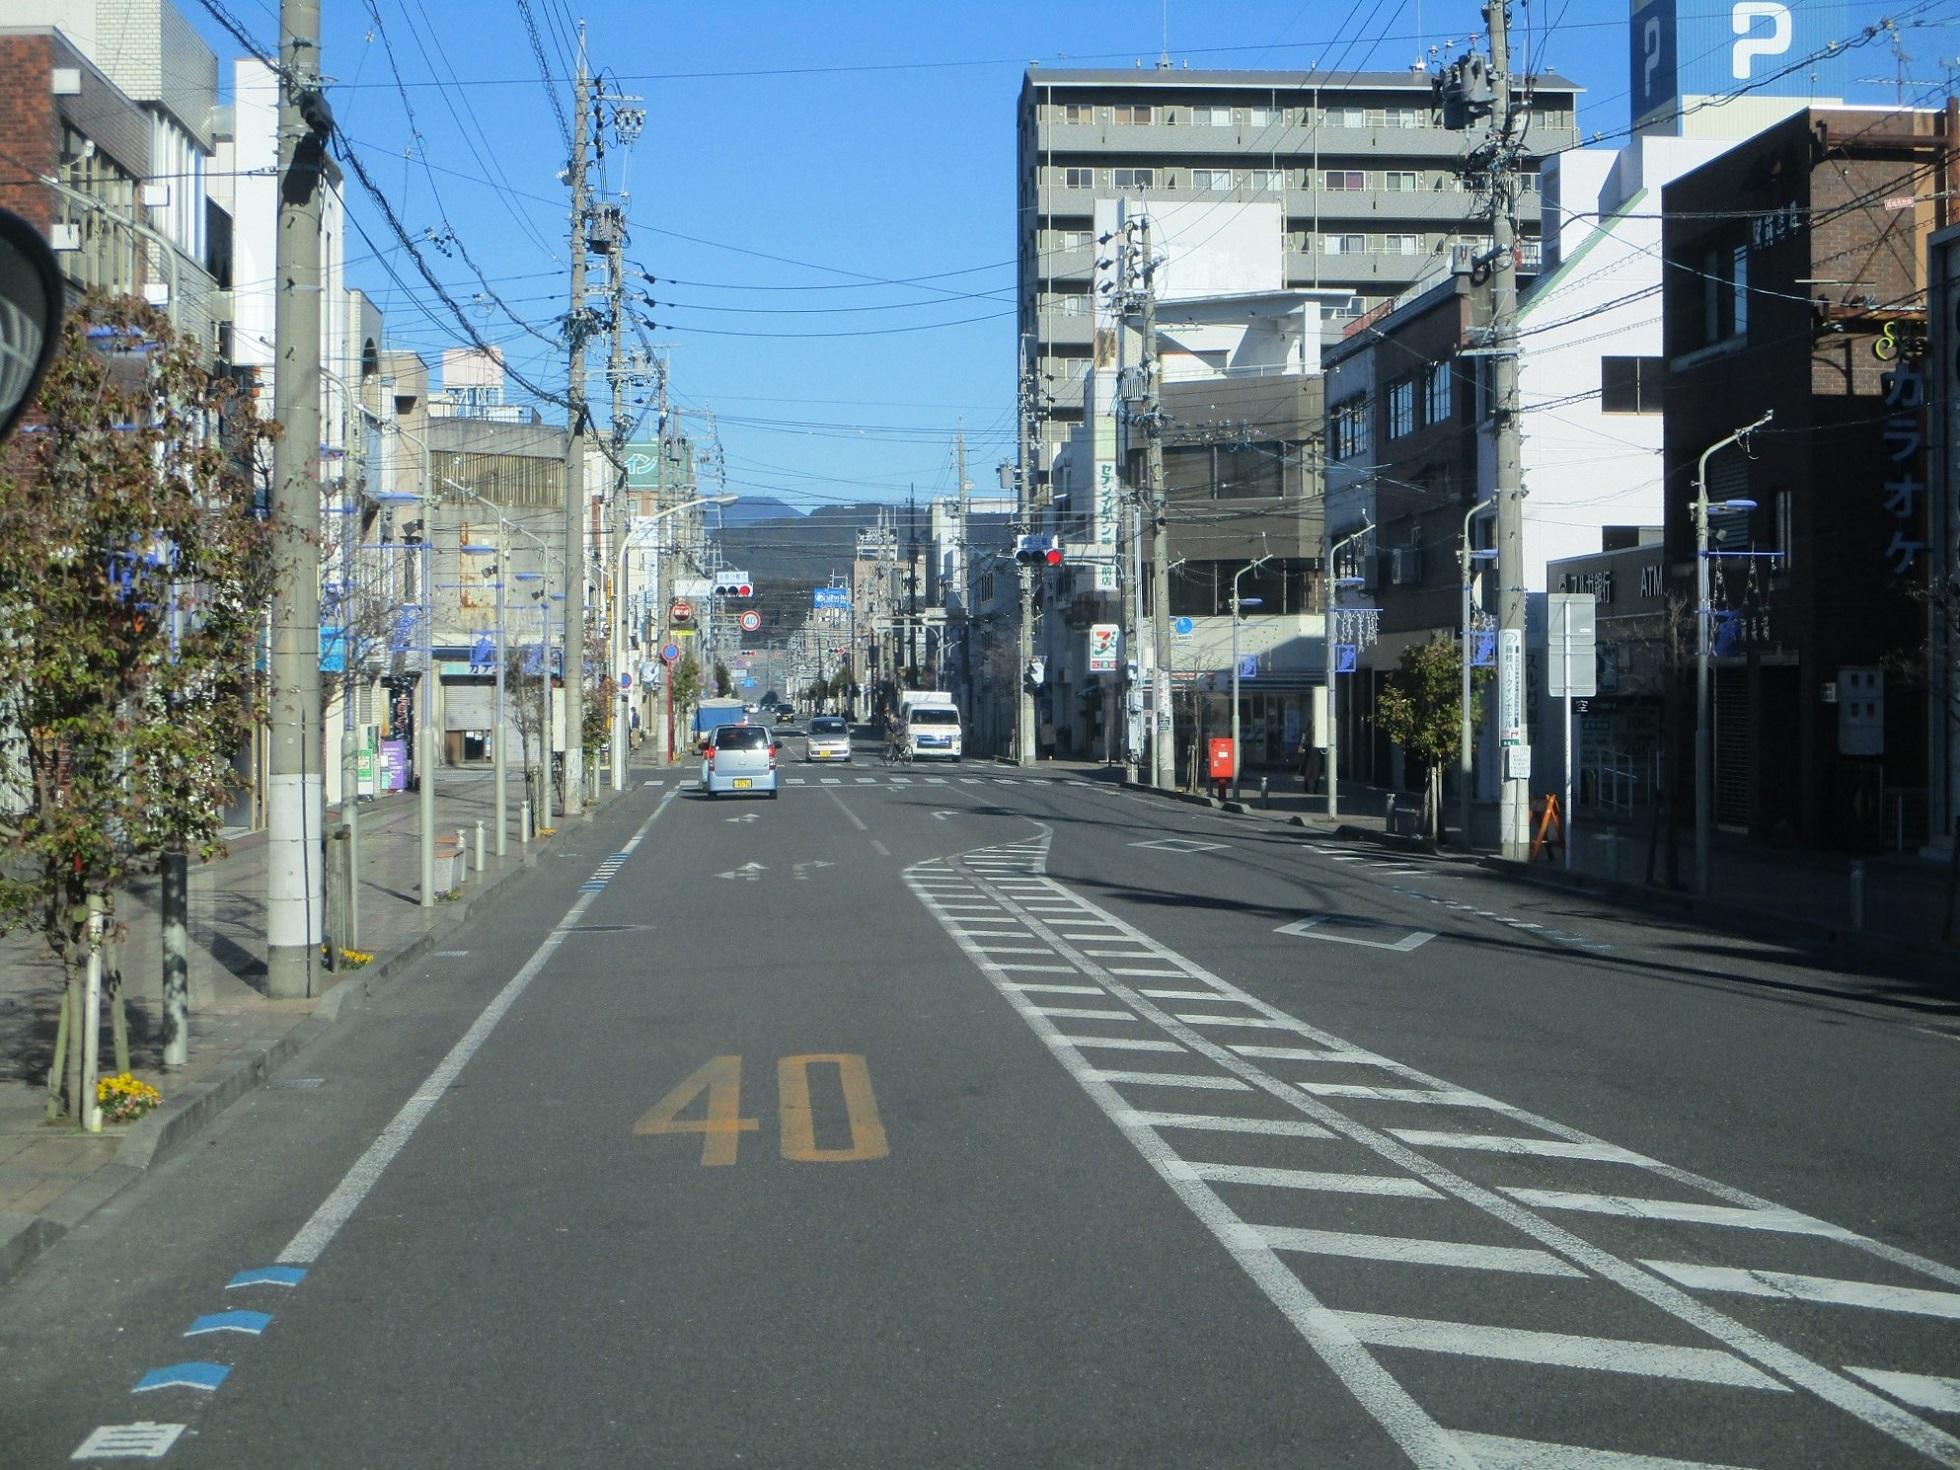 2020.1.21 (54) 新静岡バスターミナルいきバス - 藤枝えきまえどおり 1960-1470